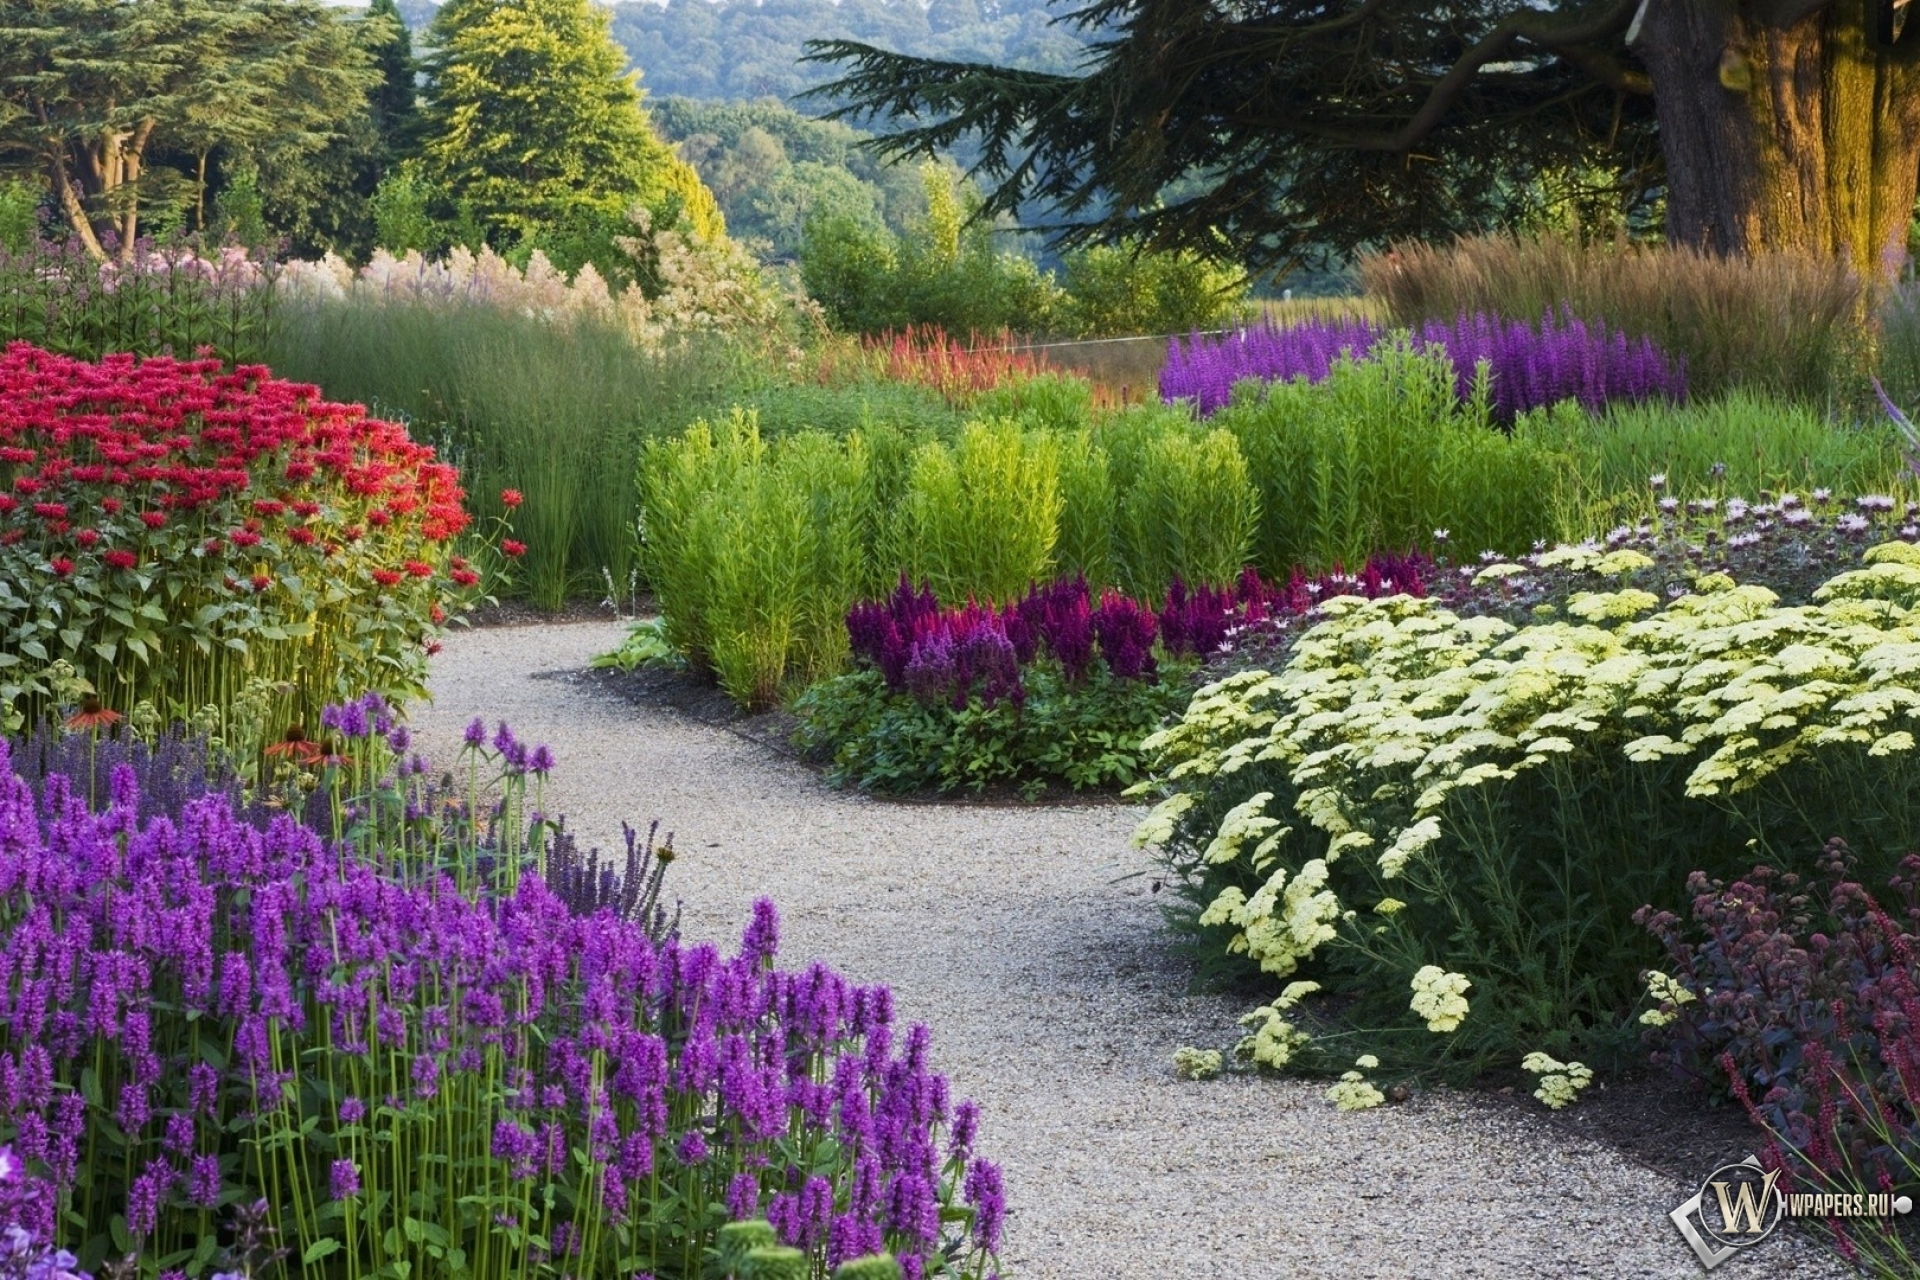 обои на рабочий стол цветы в саду на даче № 225519 бесплатно